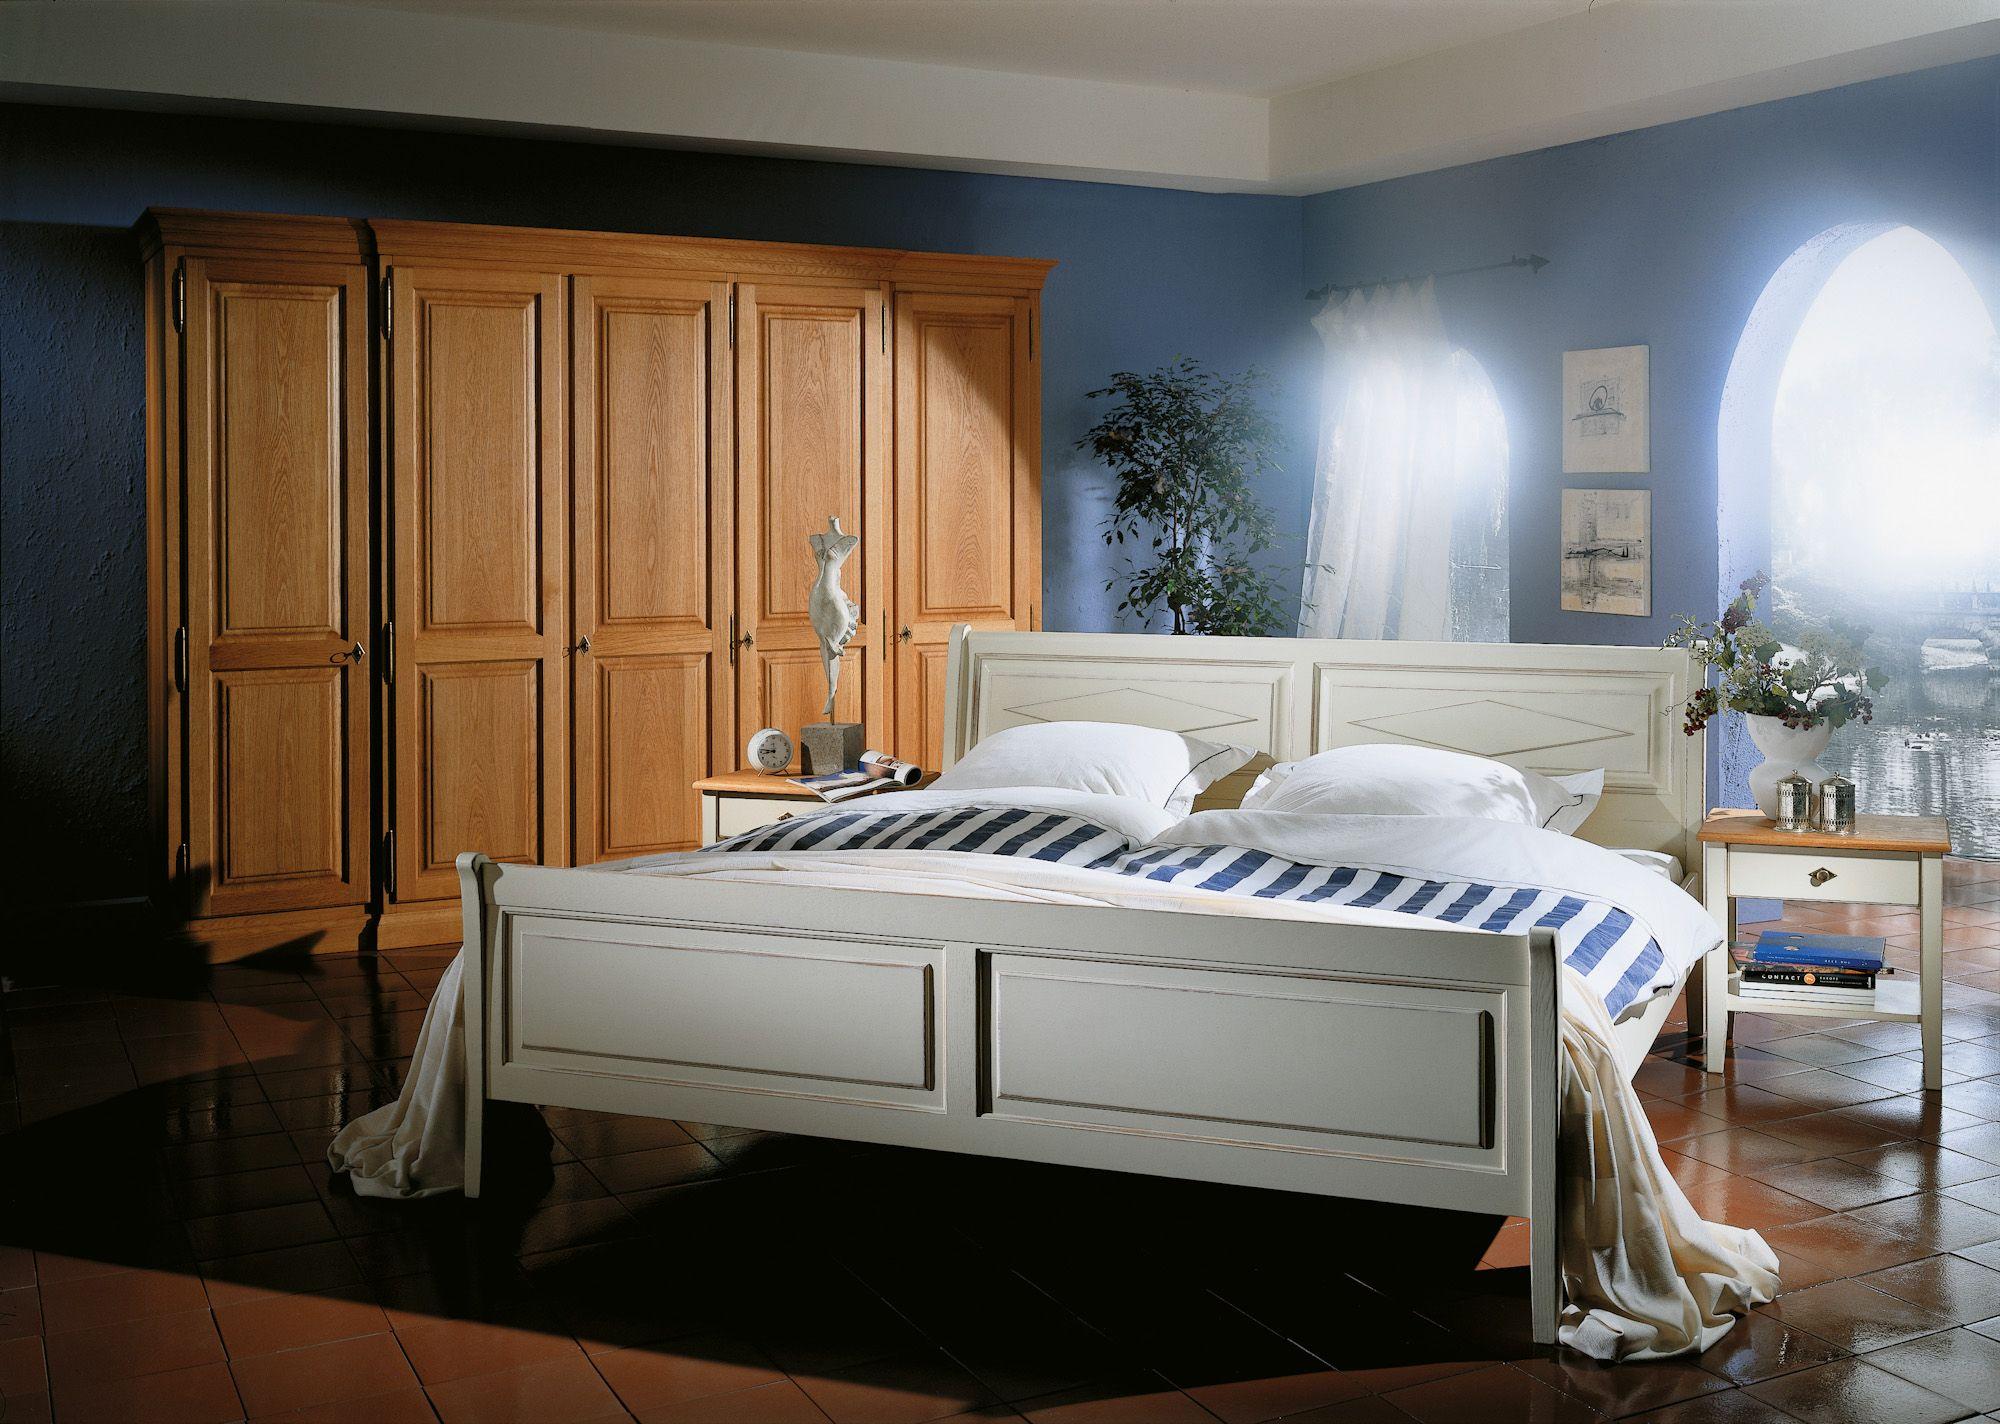 Eiche Schlafzimmer ~ V pur u schlafzimmer naturholzmöbel in eiche altholz rooms